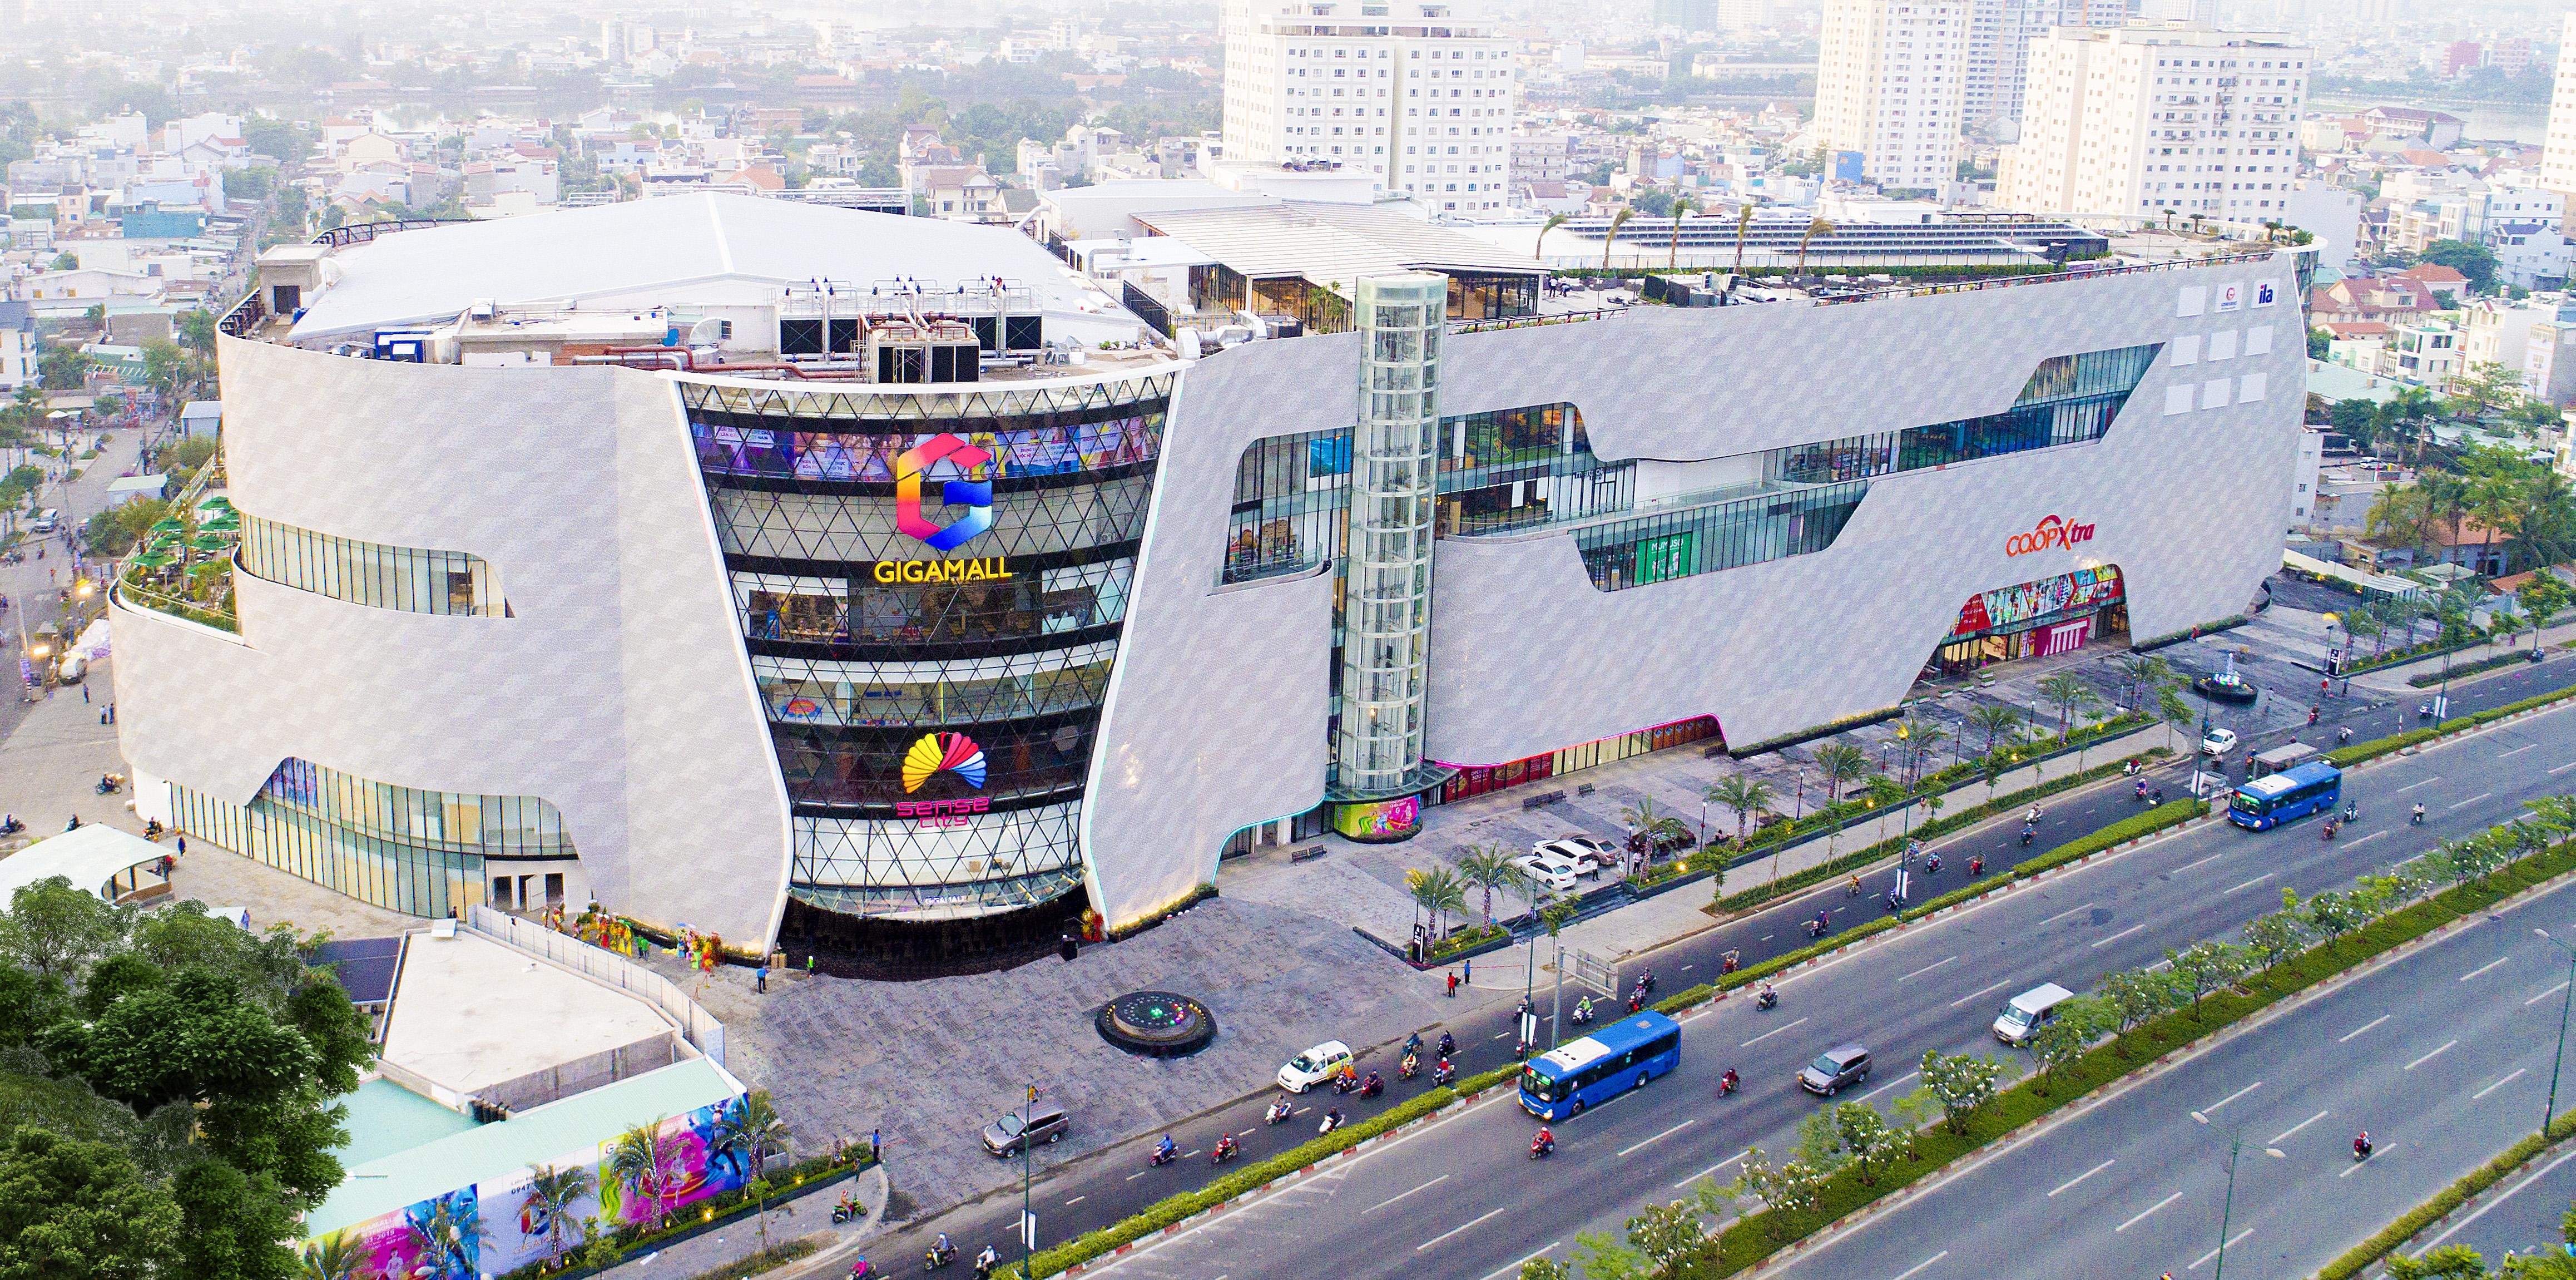 Gigamall có tổng diện tích sàn bán lẻ lên đến hơn 110.000 m2 với thiết kế 2 tầng hầm, 7 tầng nổi và 1 tầng sân thượng ngoài trời